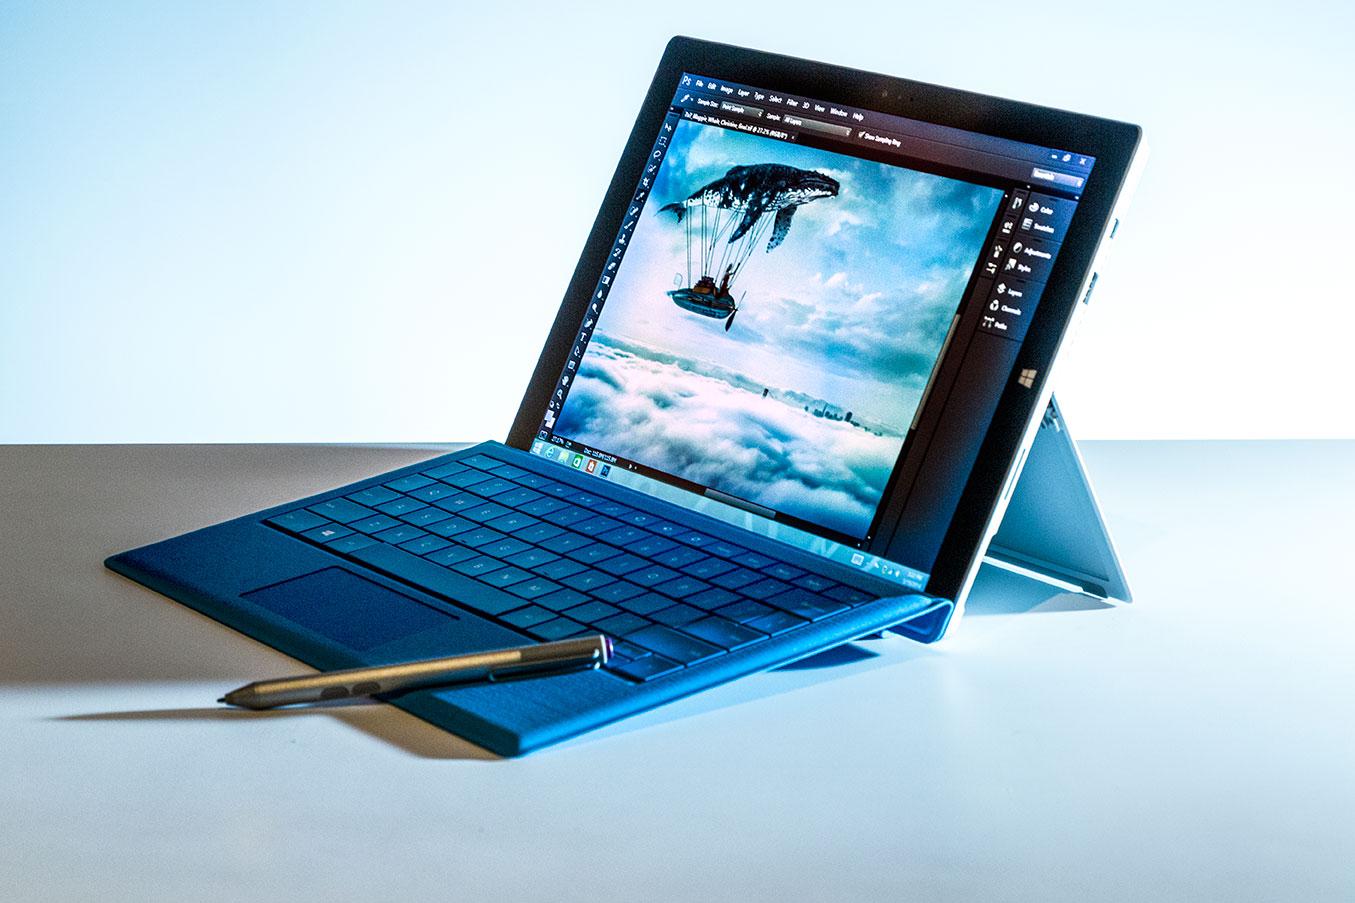 Microsoft sender nok en gang ut en fastvareoppdatering som skal fikse Surface Pro 3s batteriproblemer.